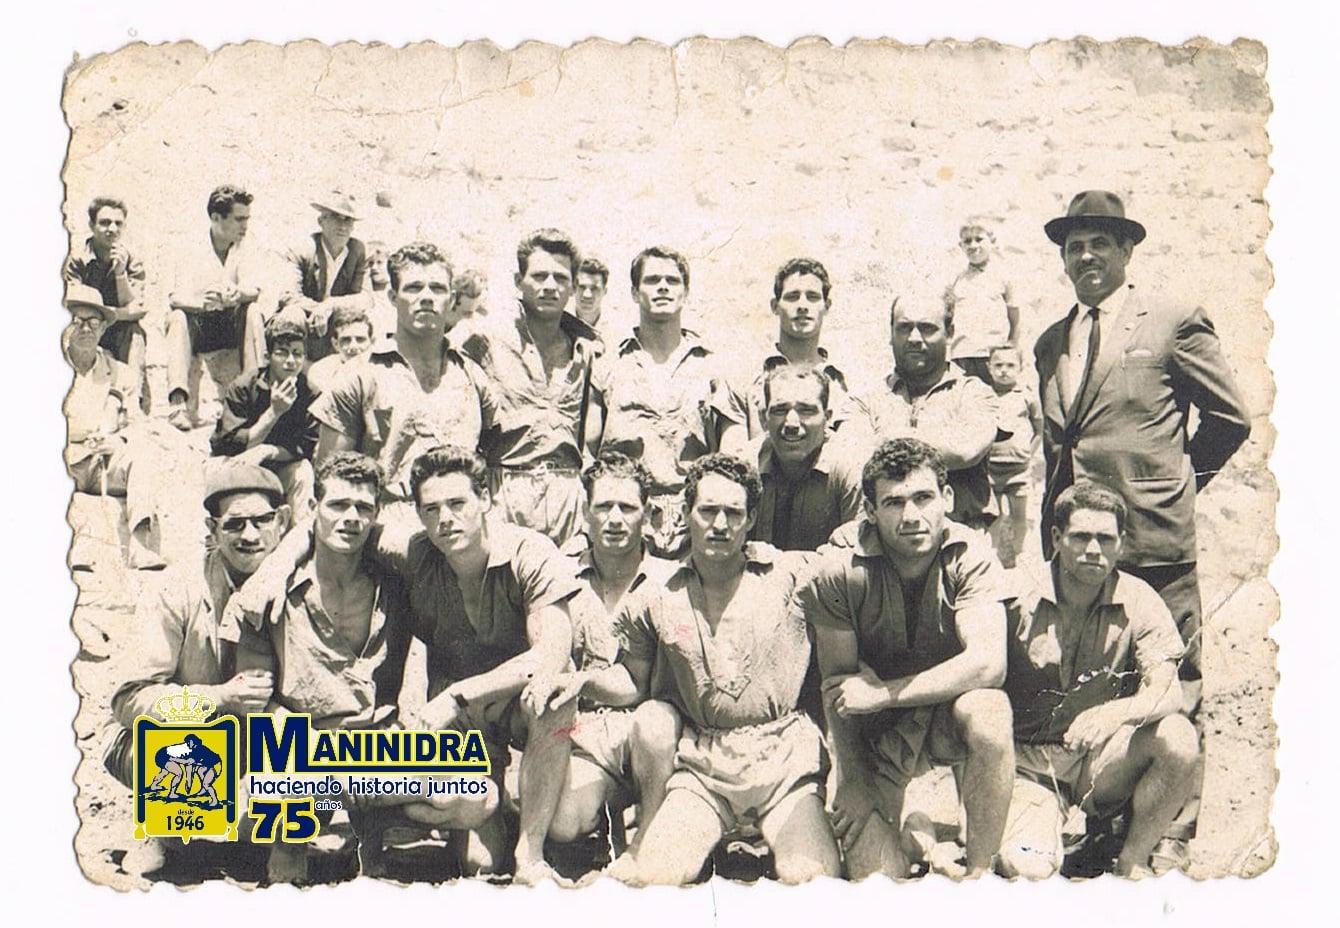 Los 75 años del club de lucha Maninidra clausuran el VIII Campus de Etnografía y Folclore de Ingenio